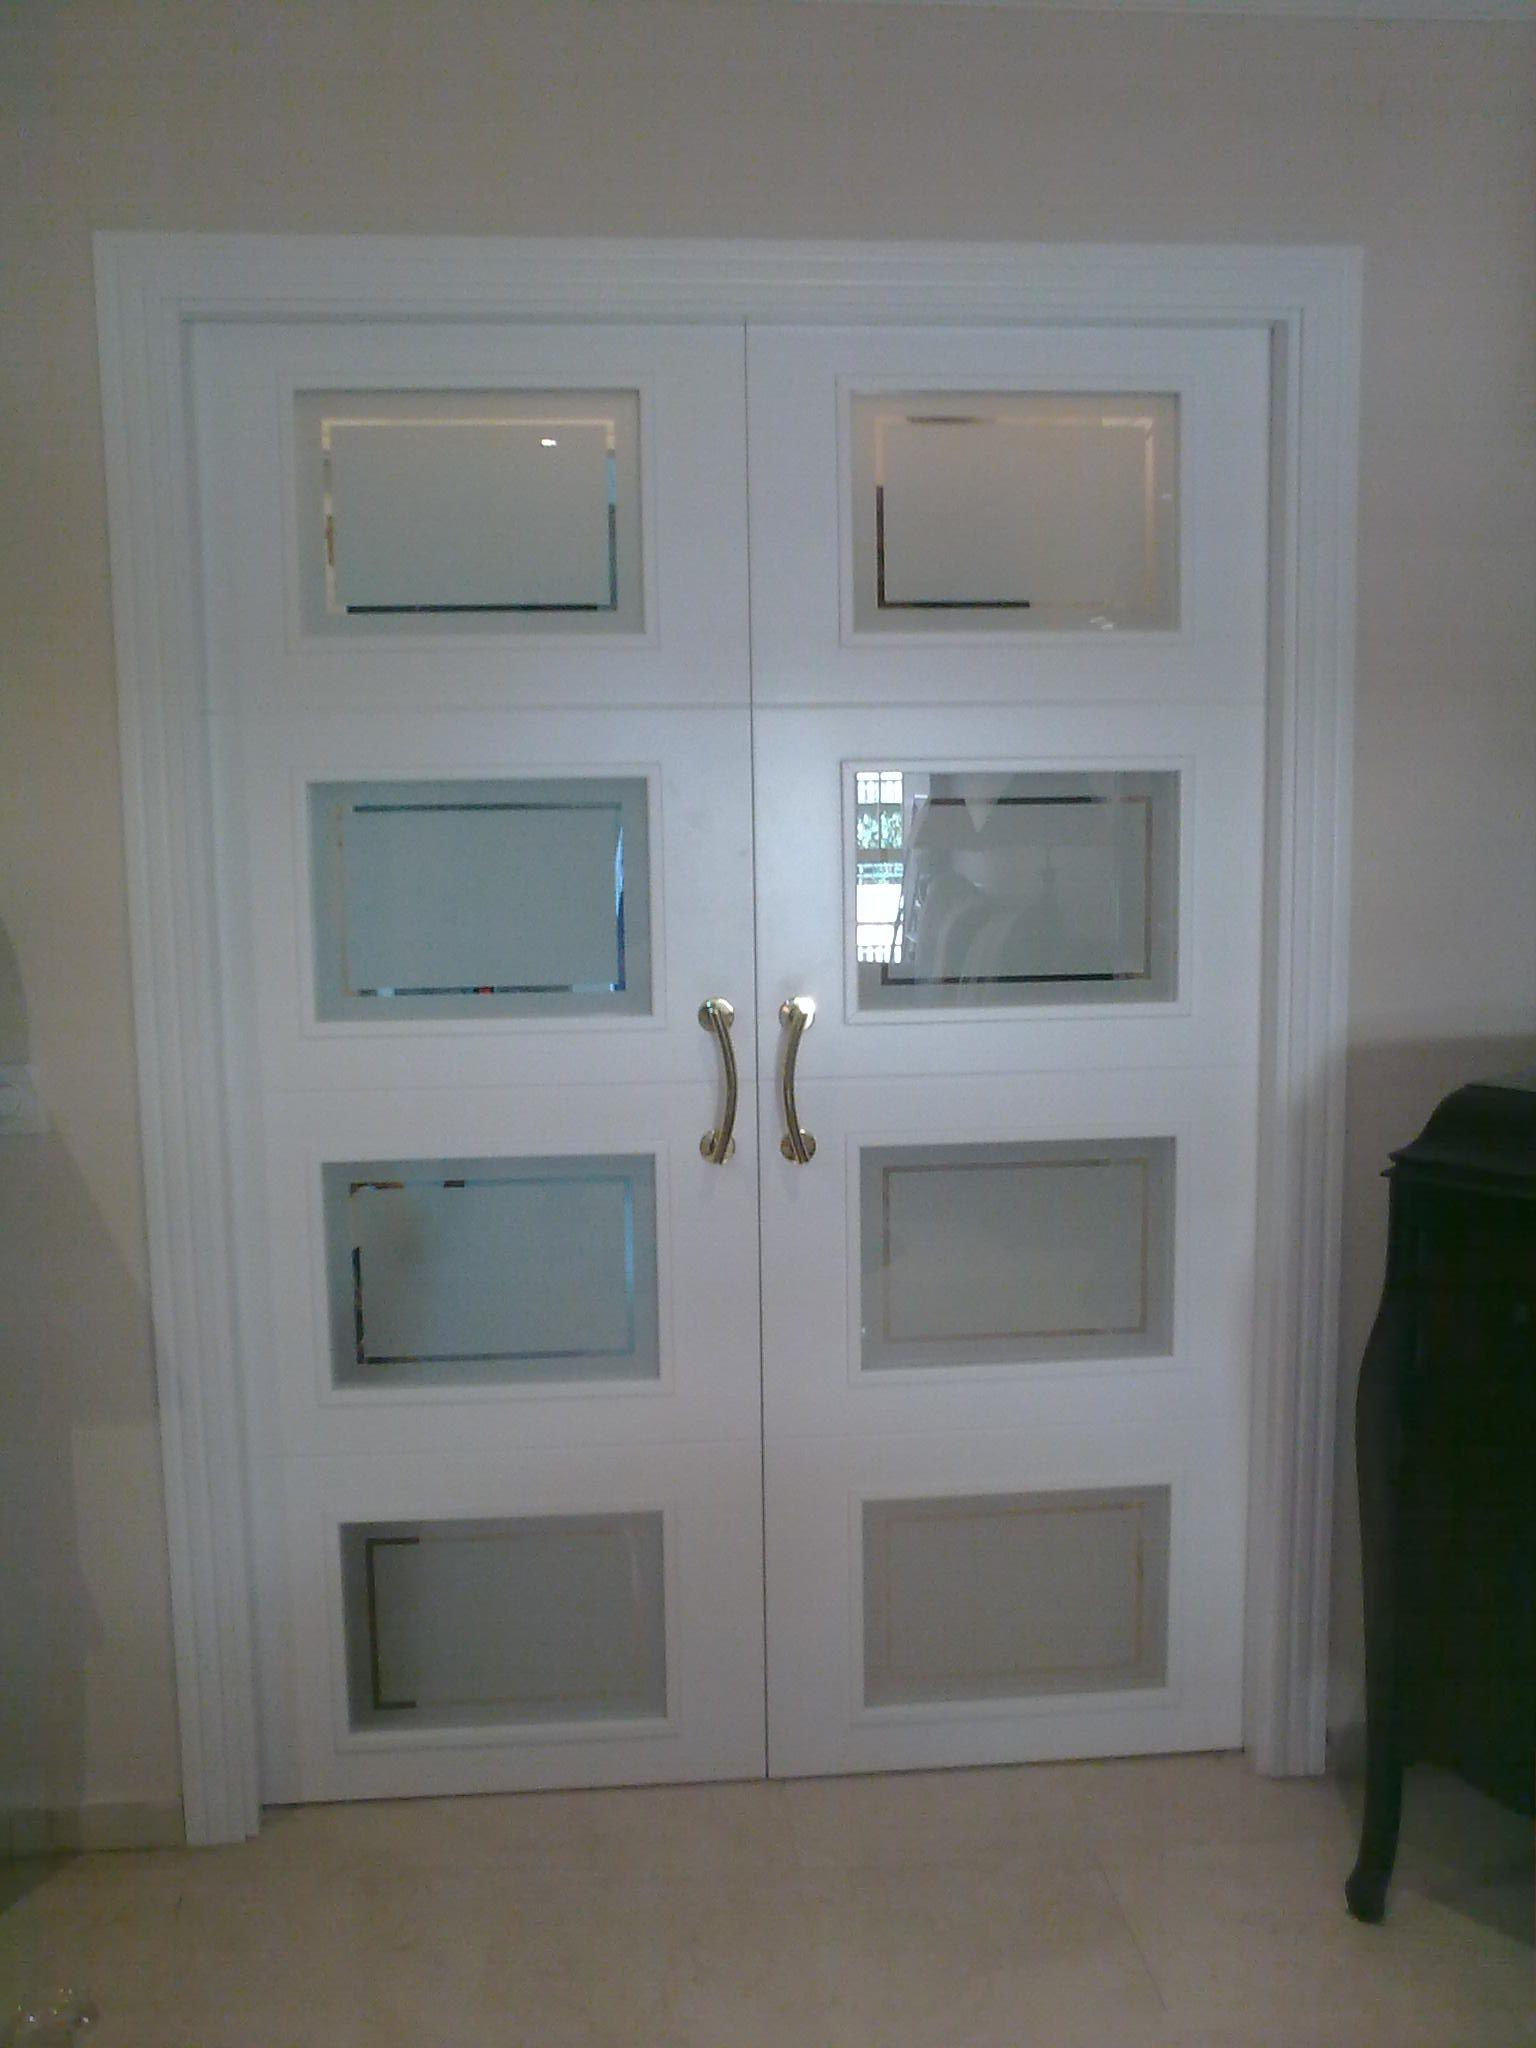 5t12 v57 detalle cristal decorado cenefa puertas - Cristales para puertas ...